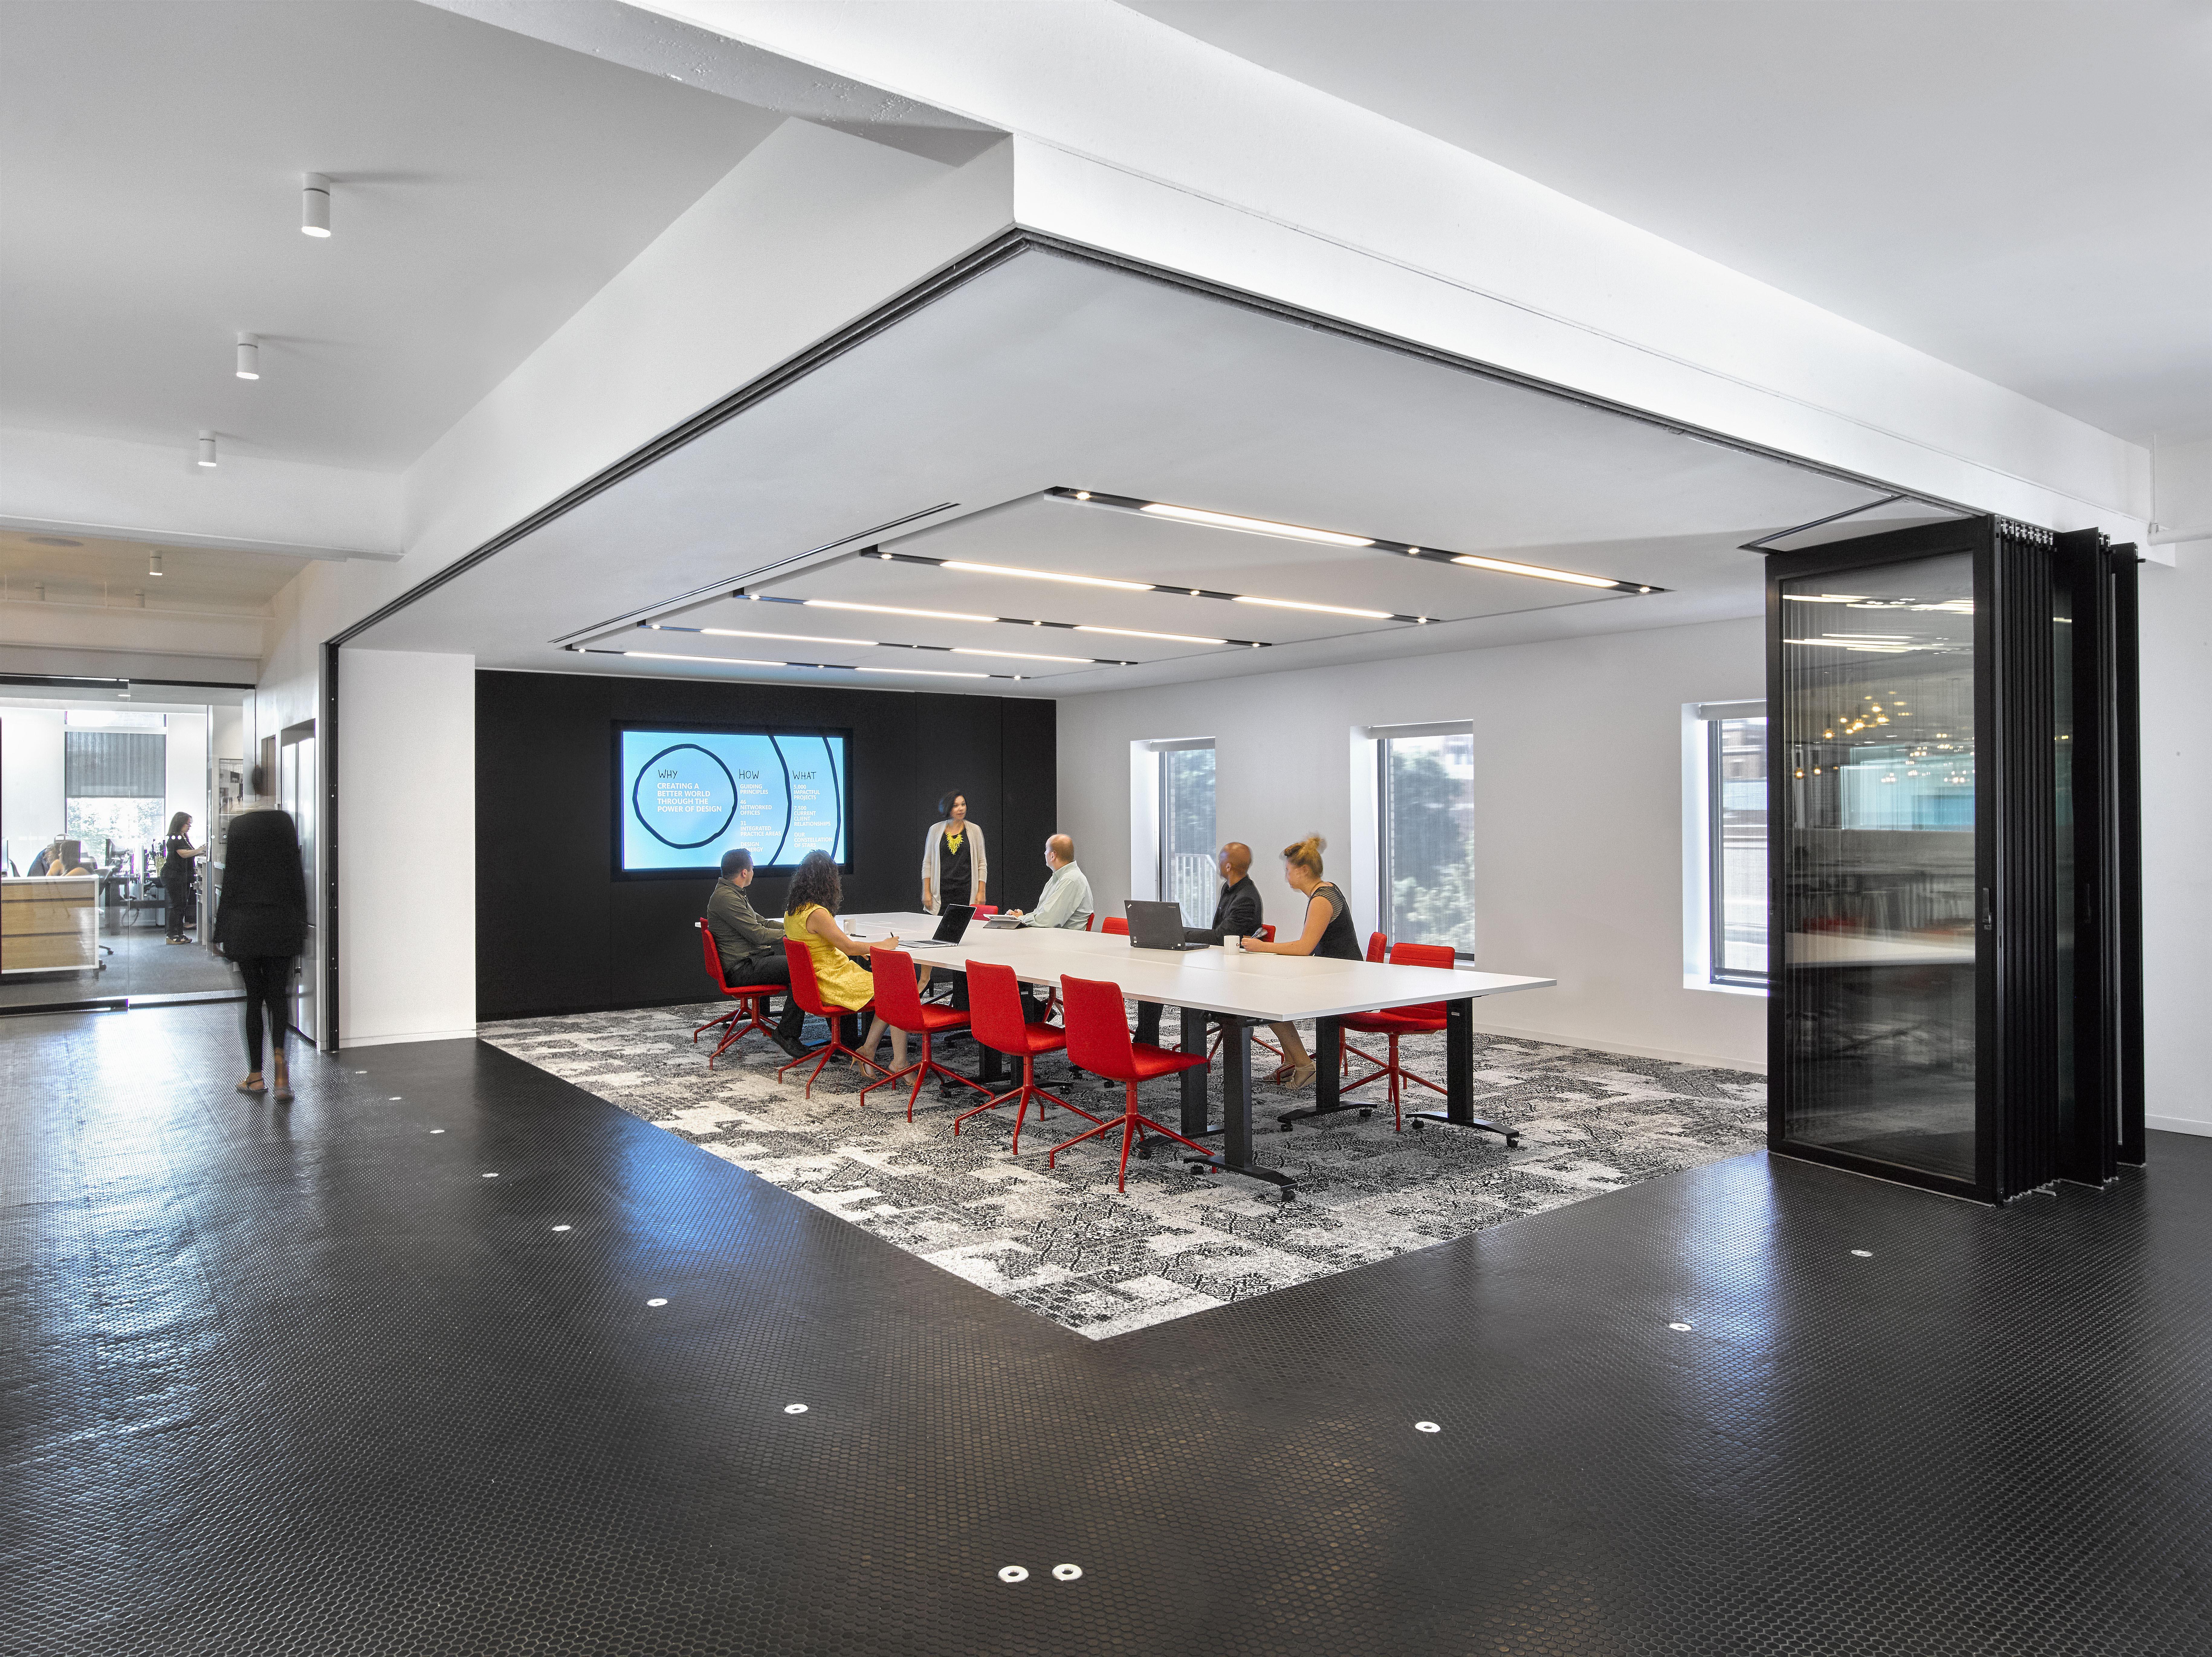 gensler revamps office using nanawall sliding glass walls - Sliding Glass Wall